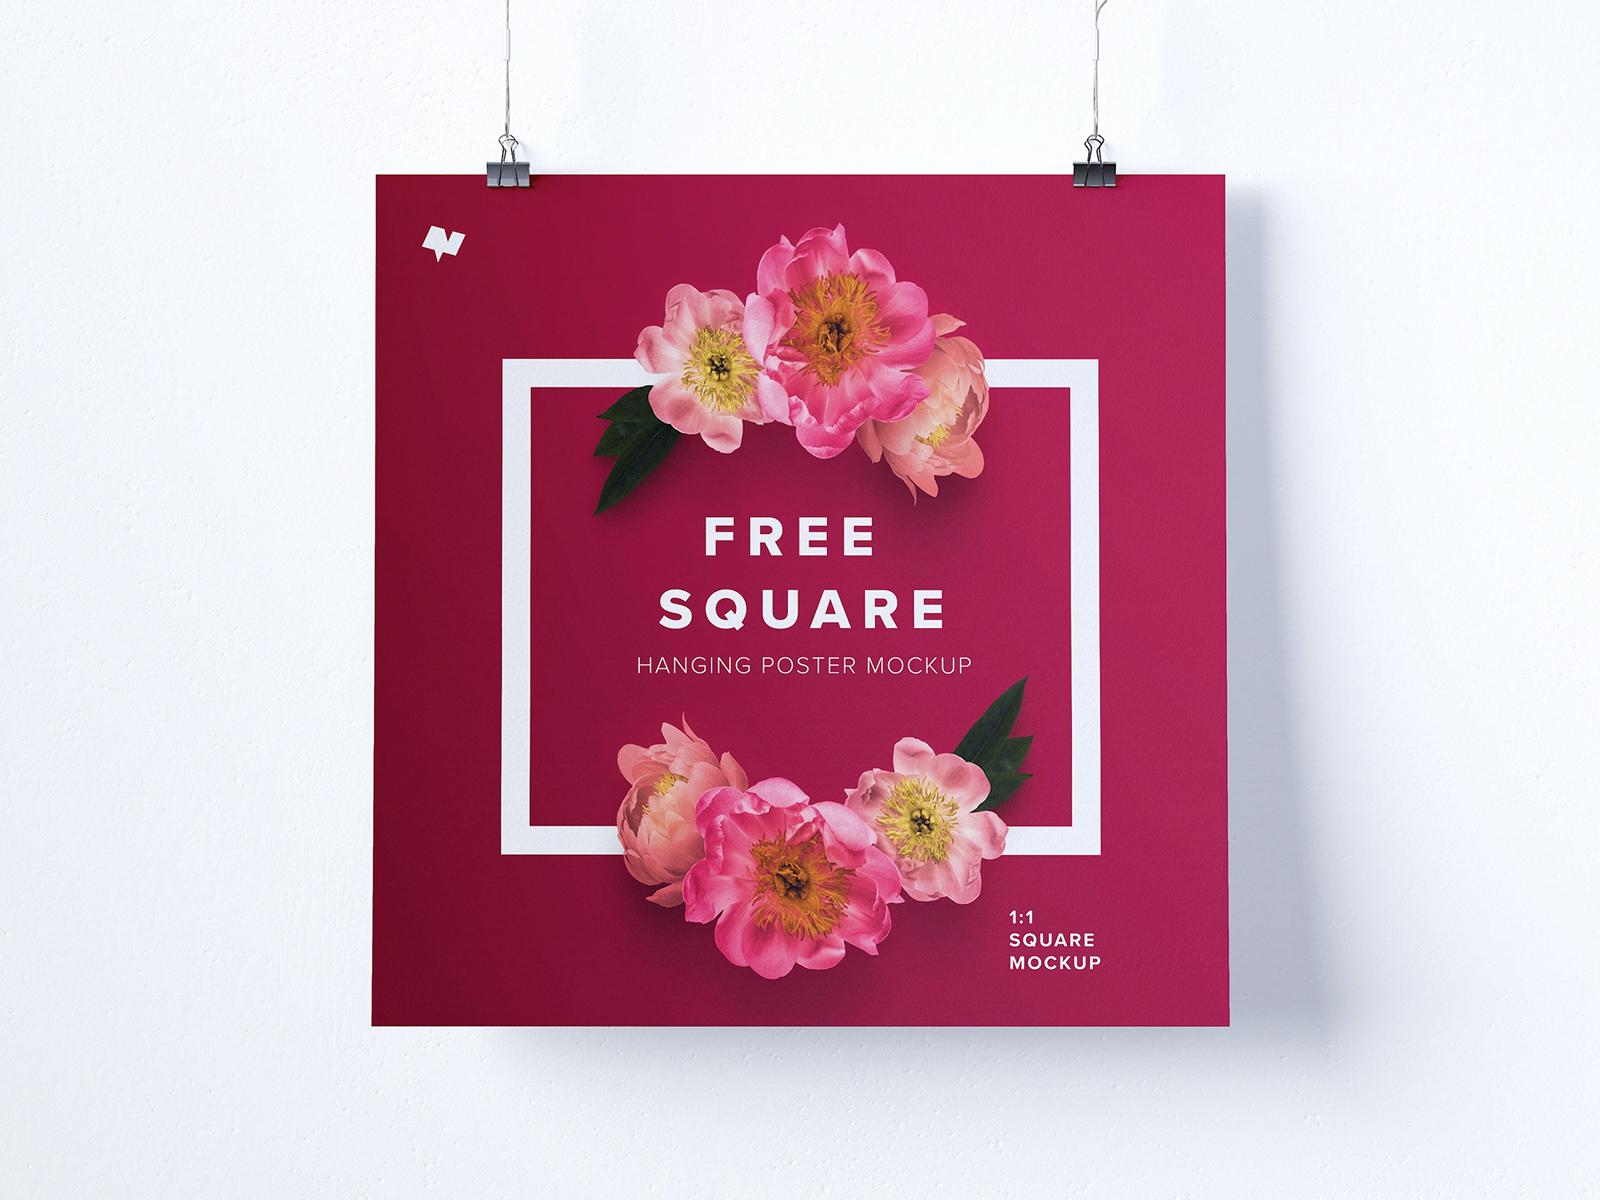 Square Hanging Poster Free Mockup